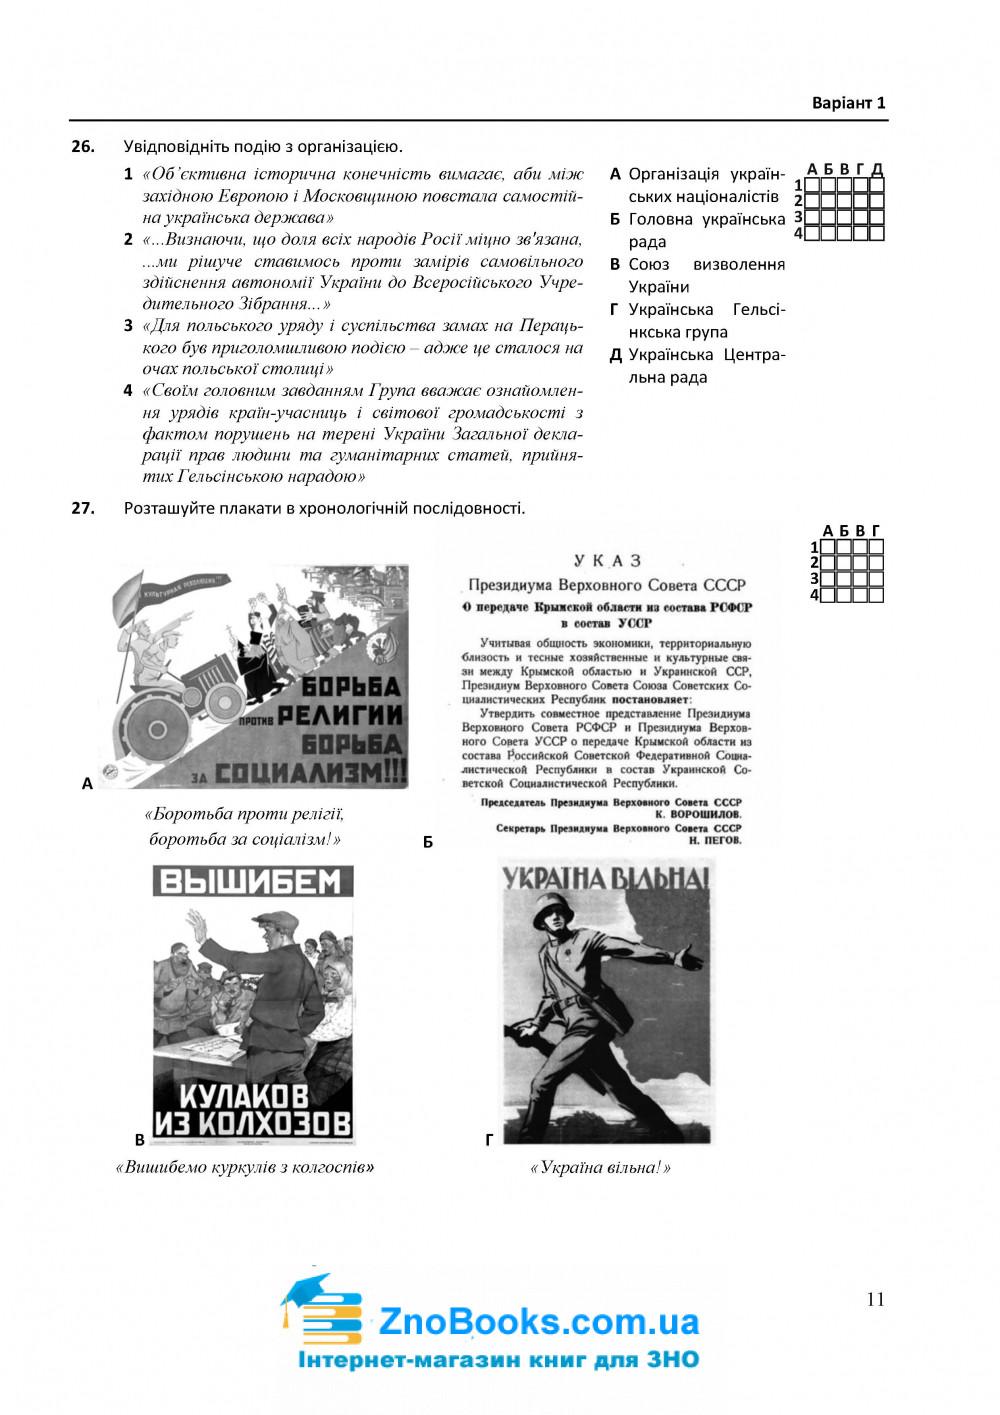 Історія України. Тестові завдання у форматі ЗНО 2021 : Земерова Т. Підручники і посібники купити 11